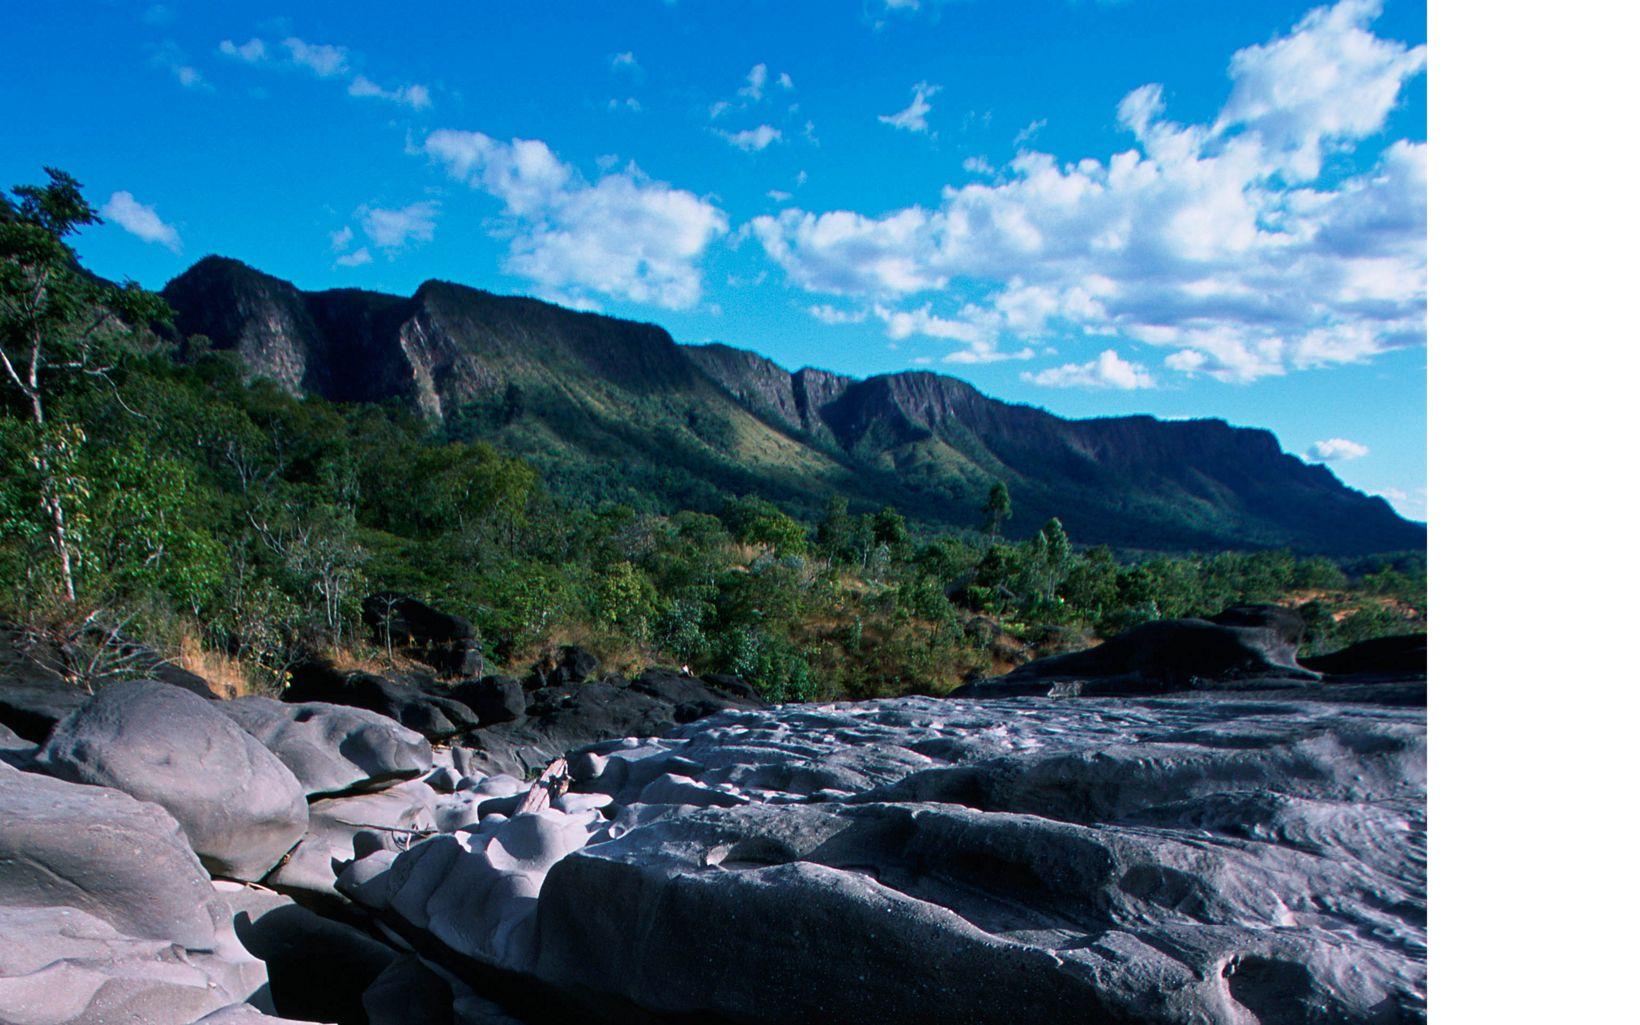 Vale da Lua, no Cerrado, próximo ao Parque Nacional da Chapada dos Veadeiros.